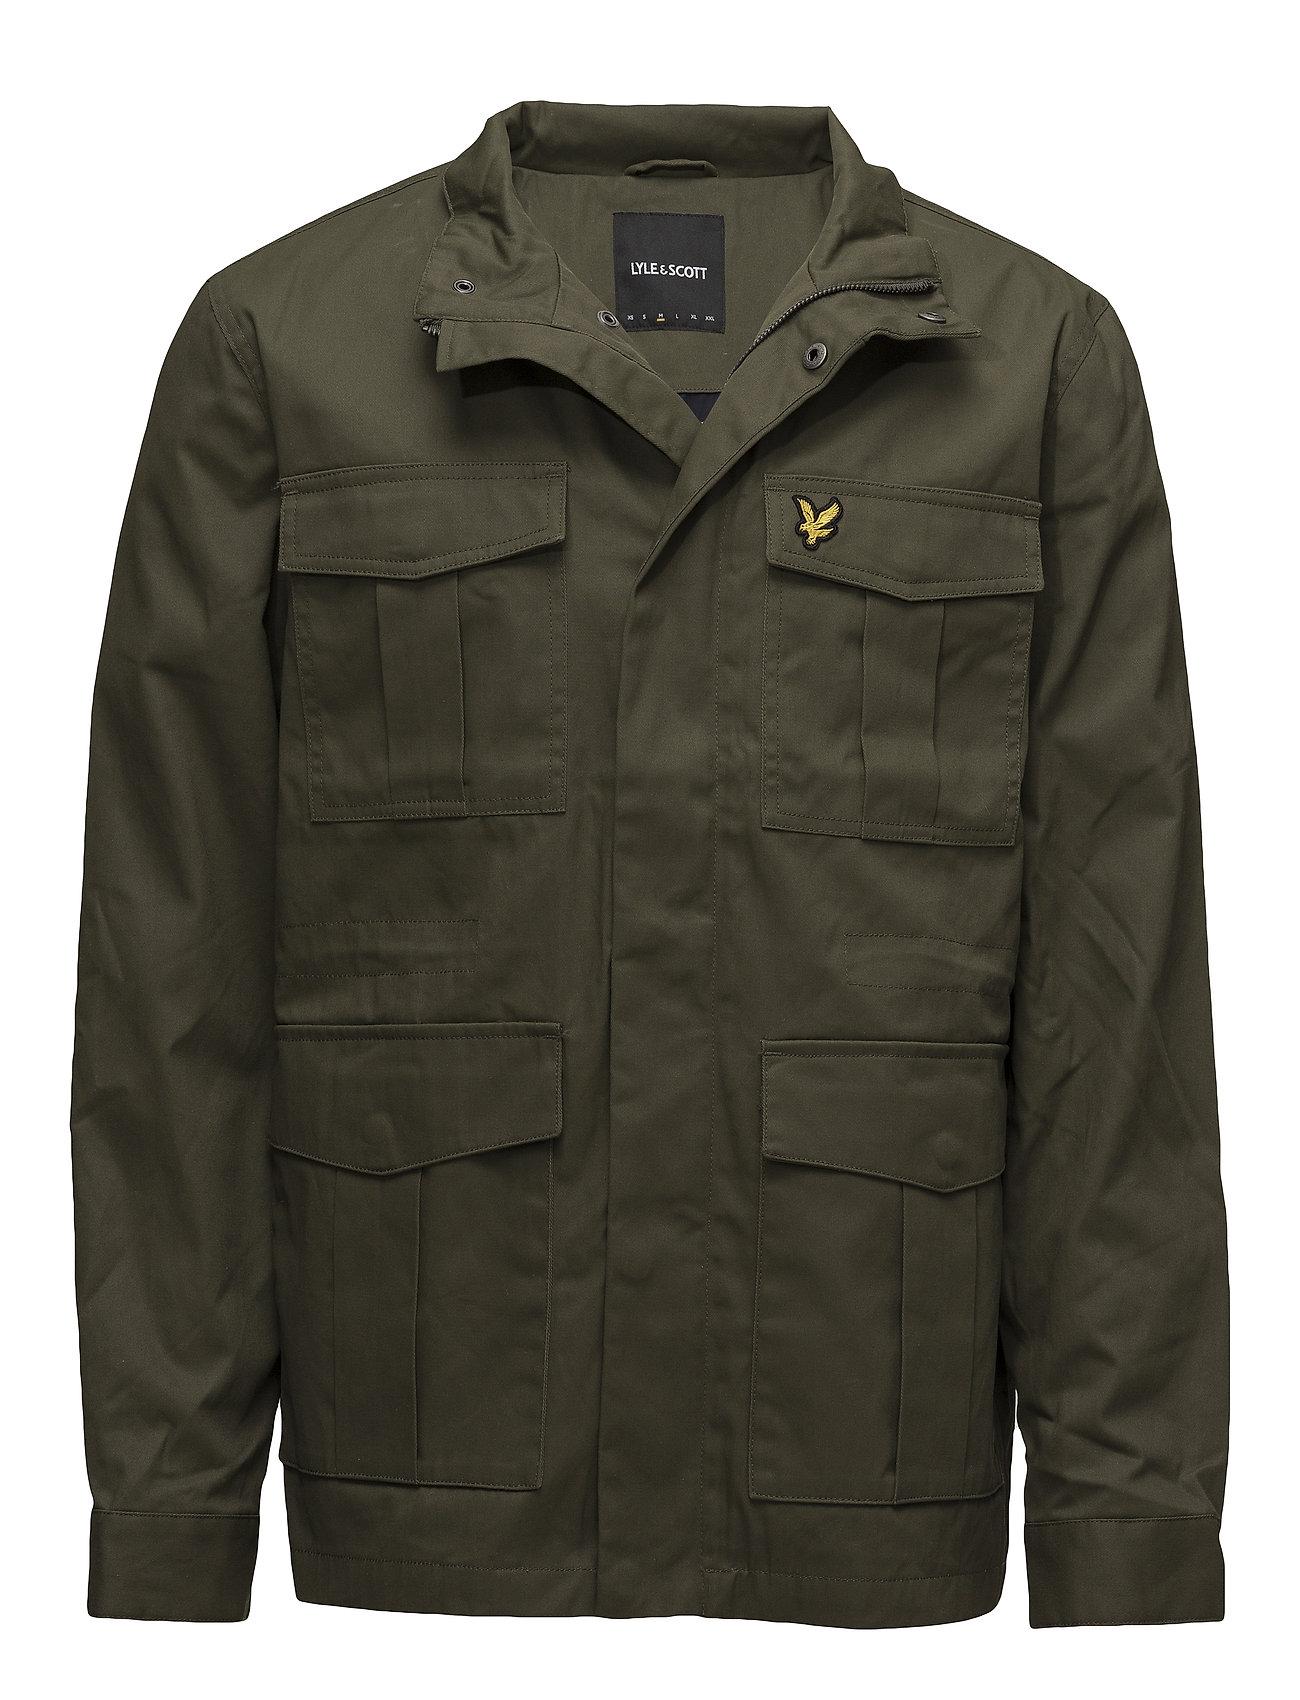 Lyle & Scott Field Jacket - OLIVE